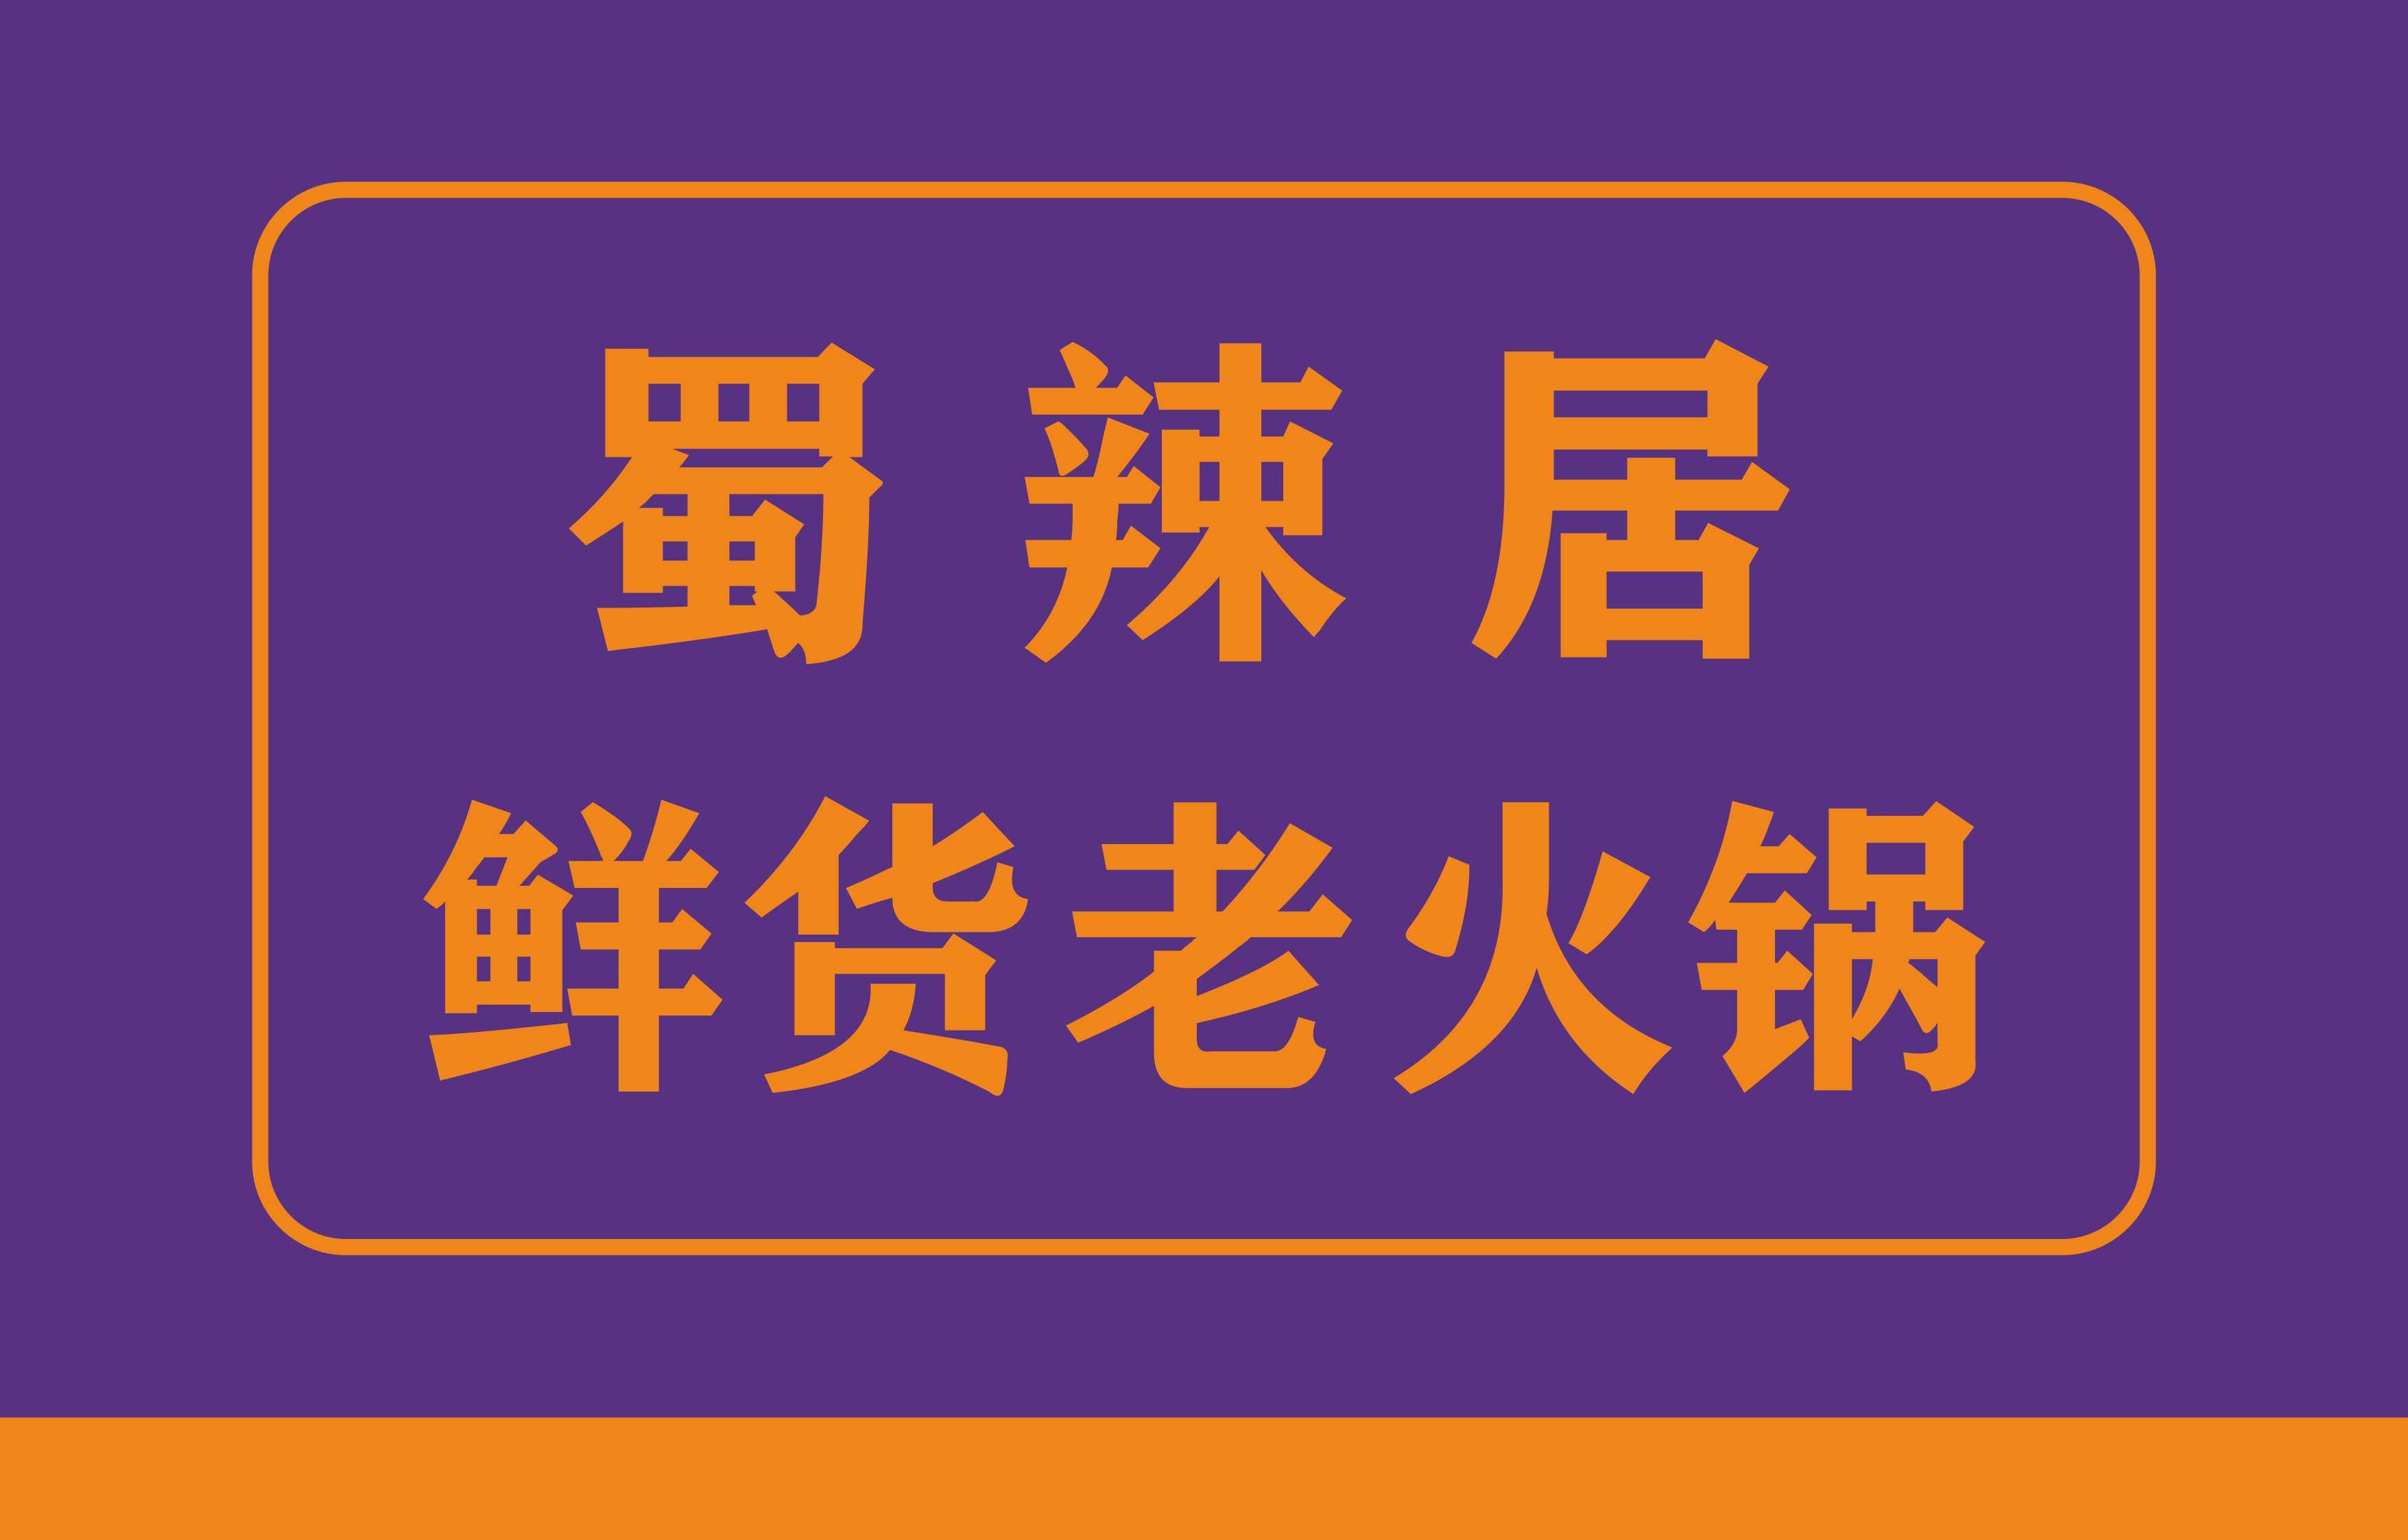 加盟四川正宗火锅蜀辣居鲜货老火锅好不好?